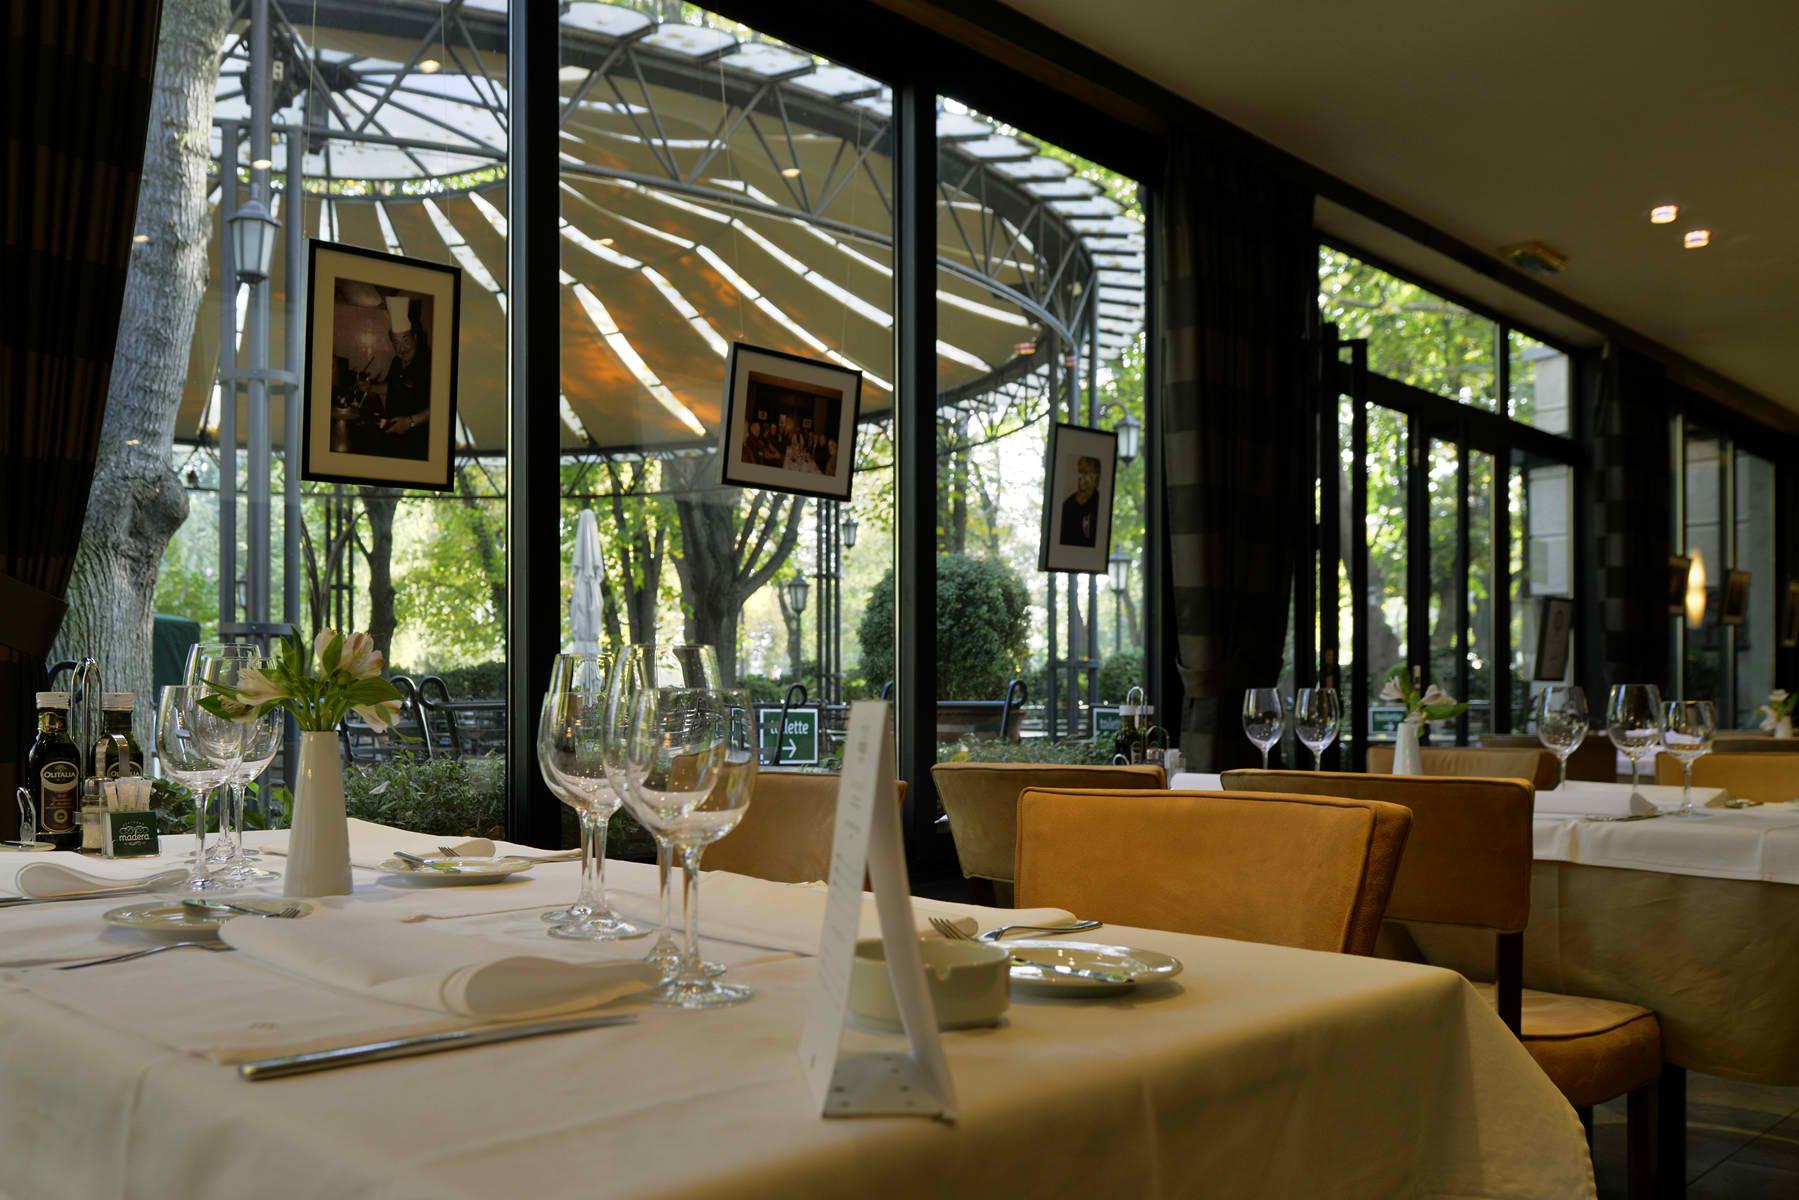 Restoran-Madera-pogled-ka-basti